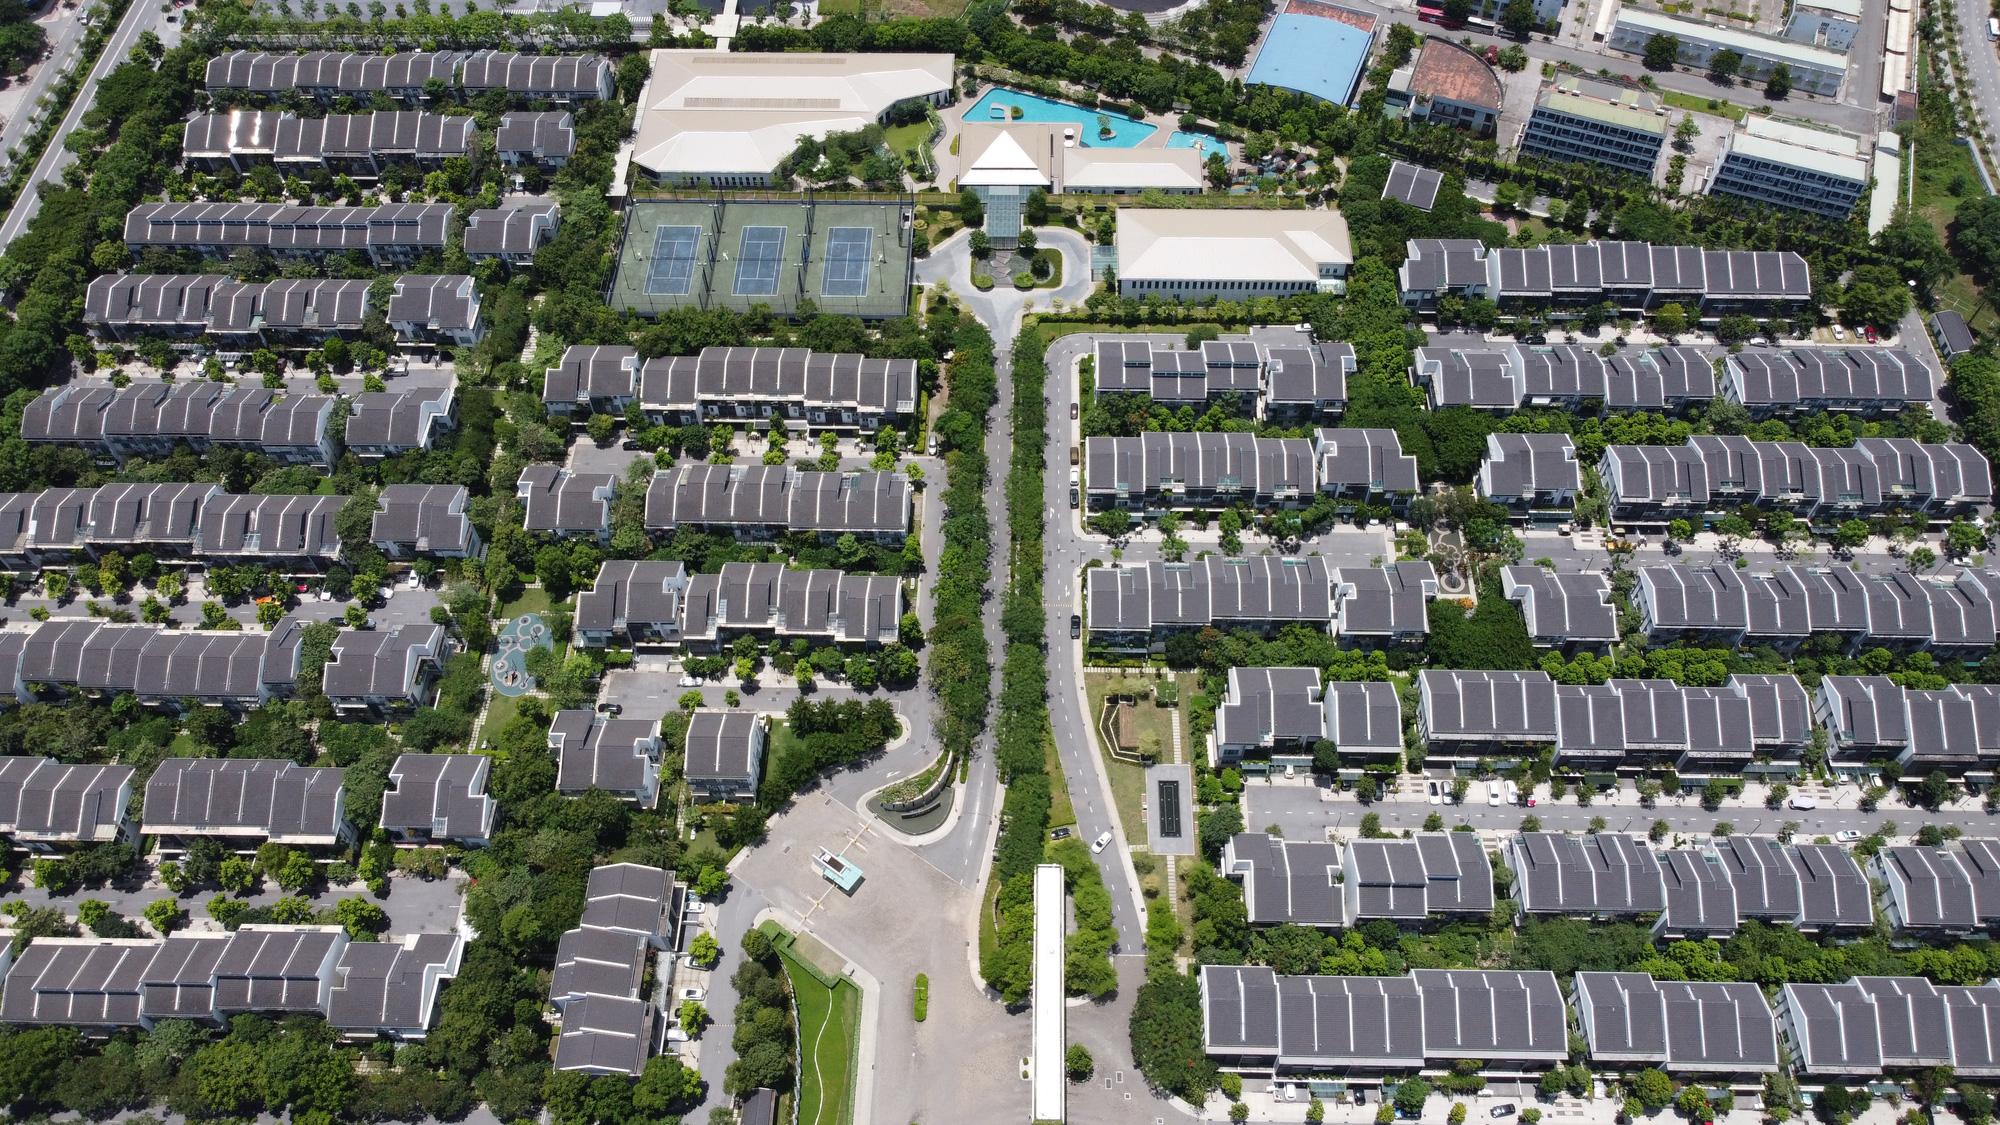 Bộ Xây dựng đề xuất sửa 2 luật tác động lớn đến thị trường bất động sản - Ảnh 1.